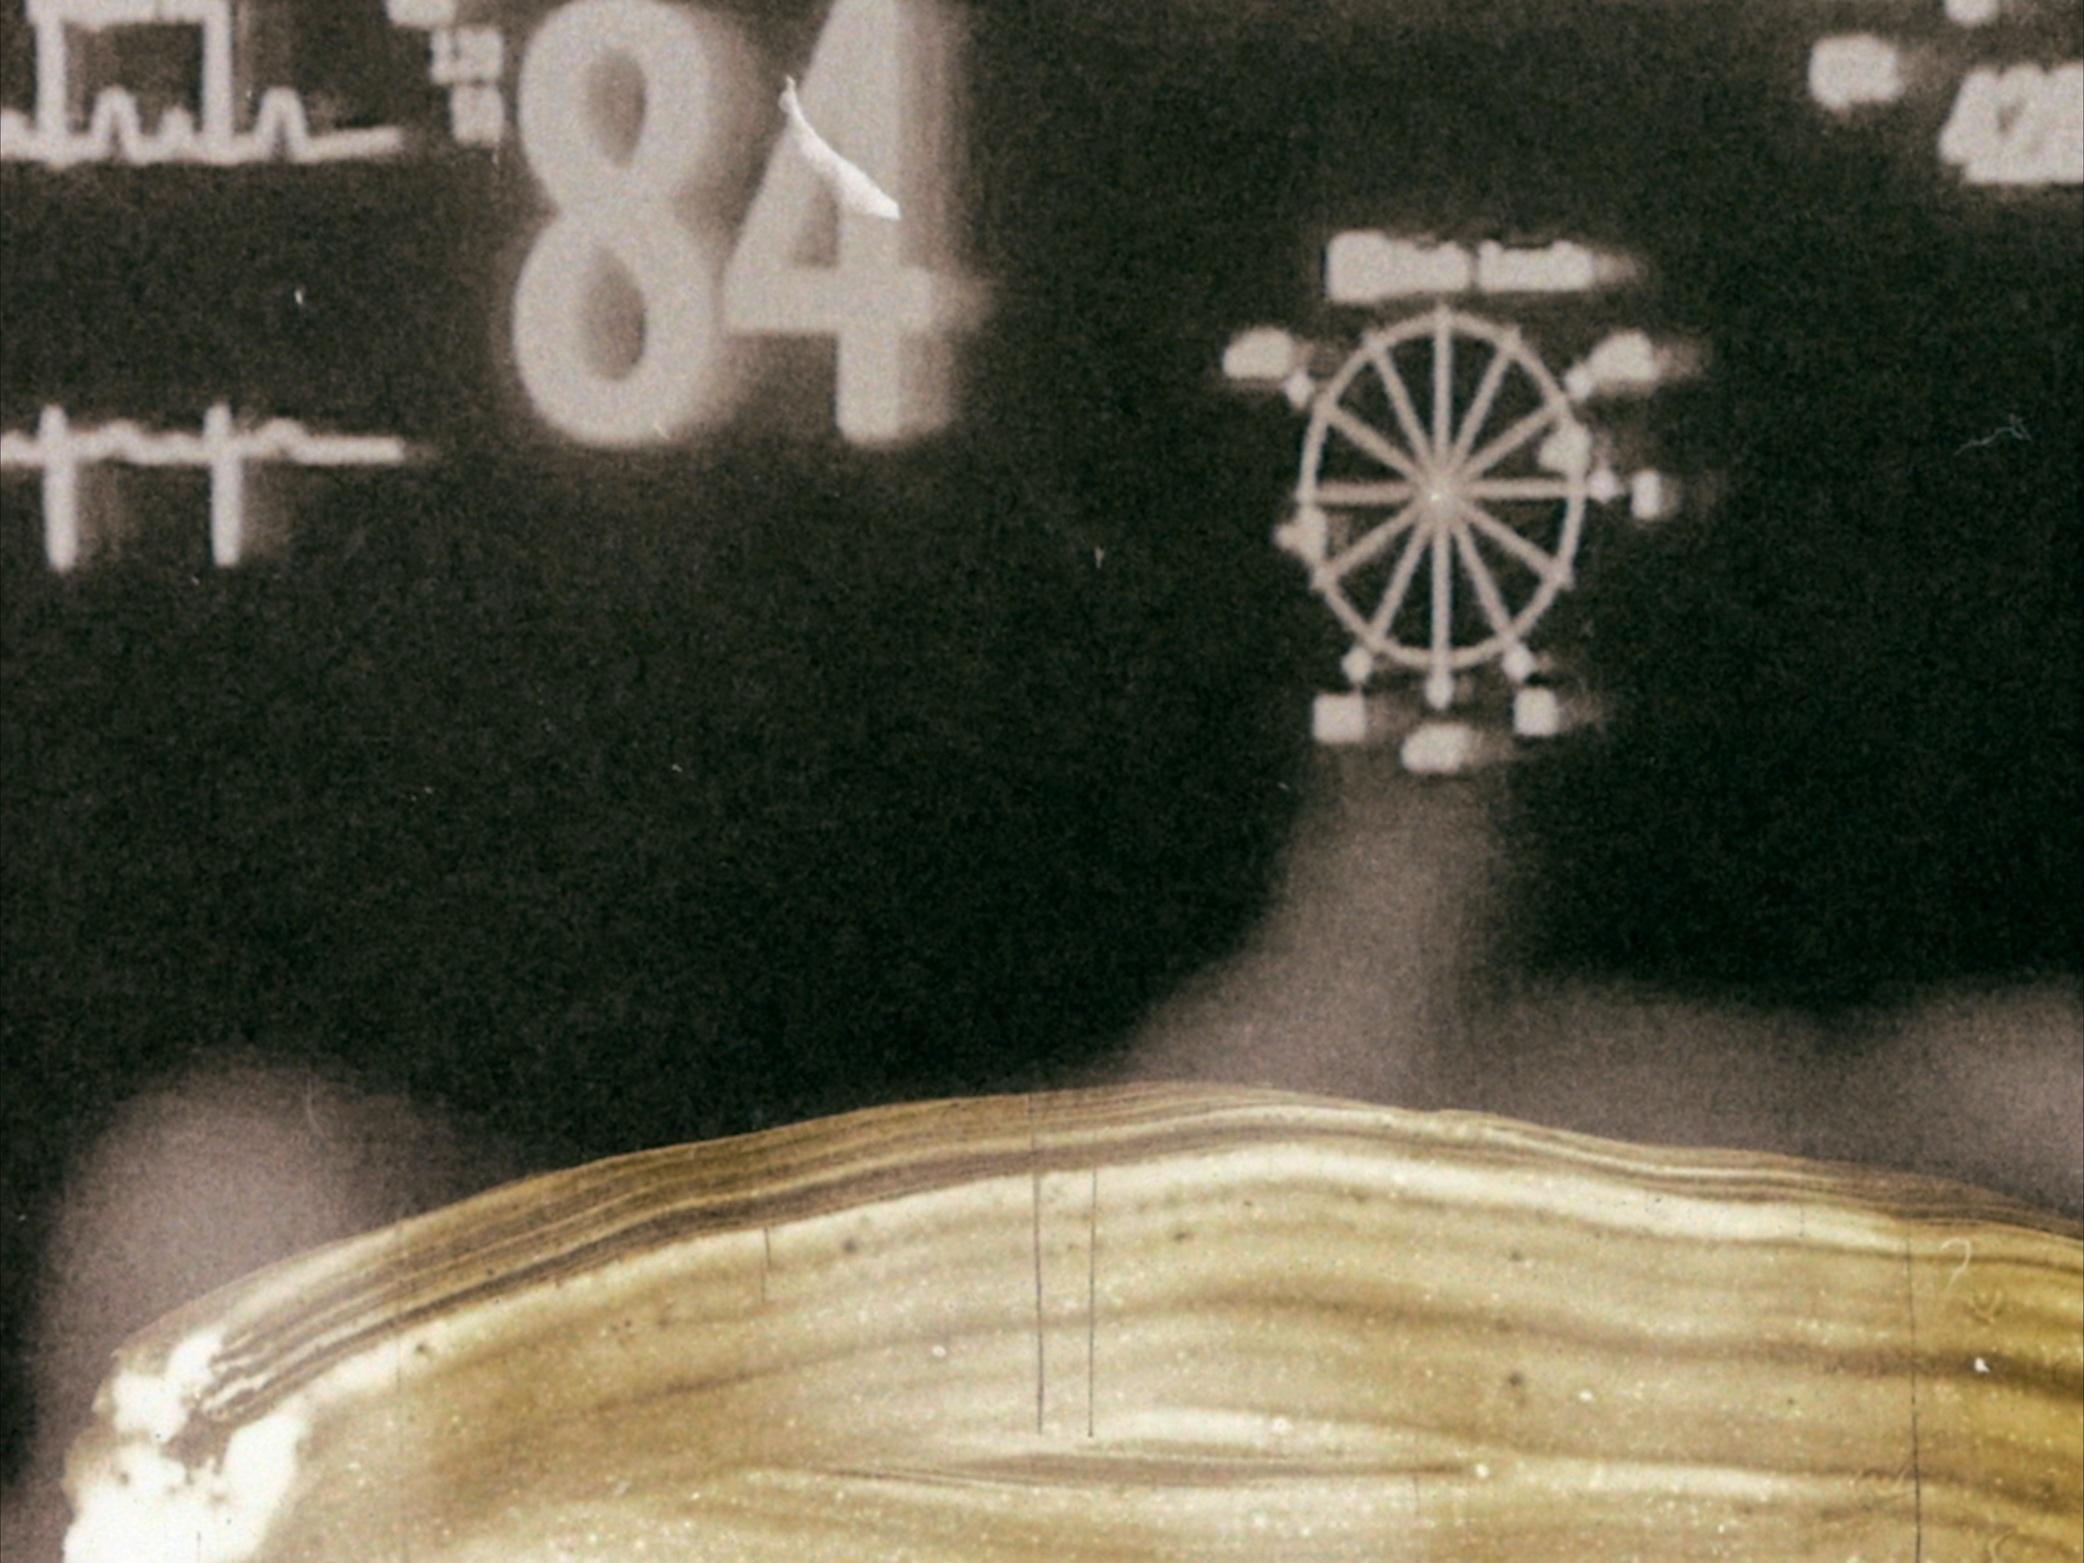 ldb3.jpg